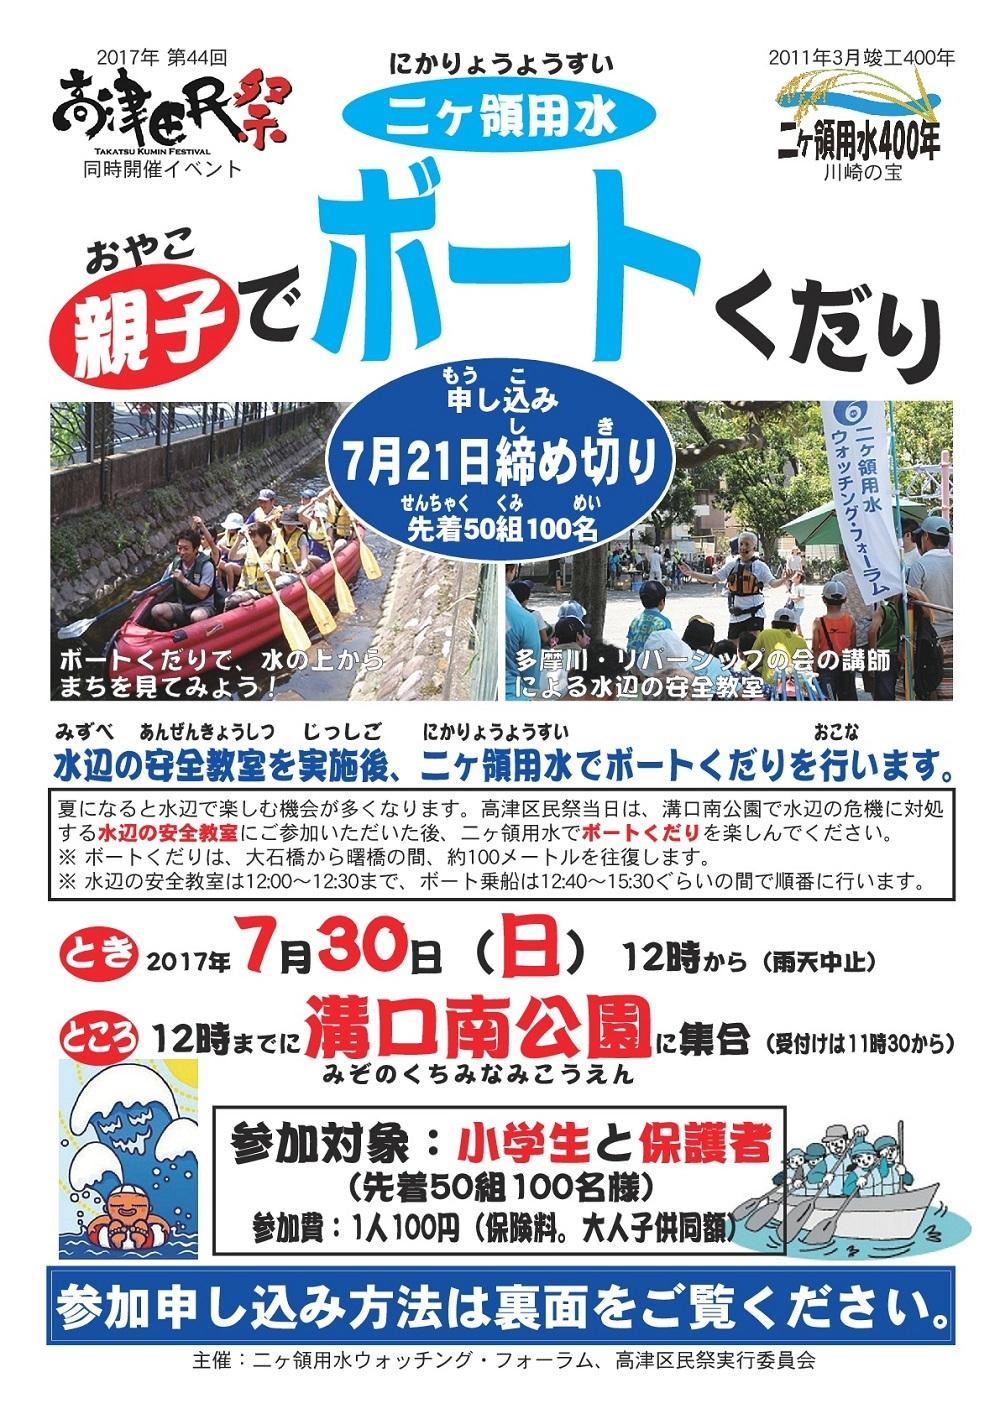 A4たて(表)_アウトライン_44高津区民祭_20170730-001